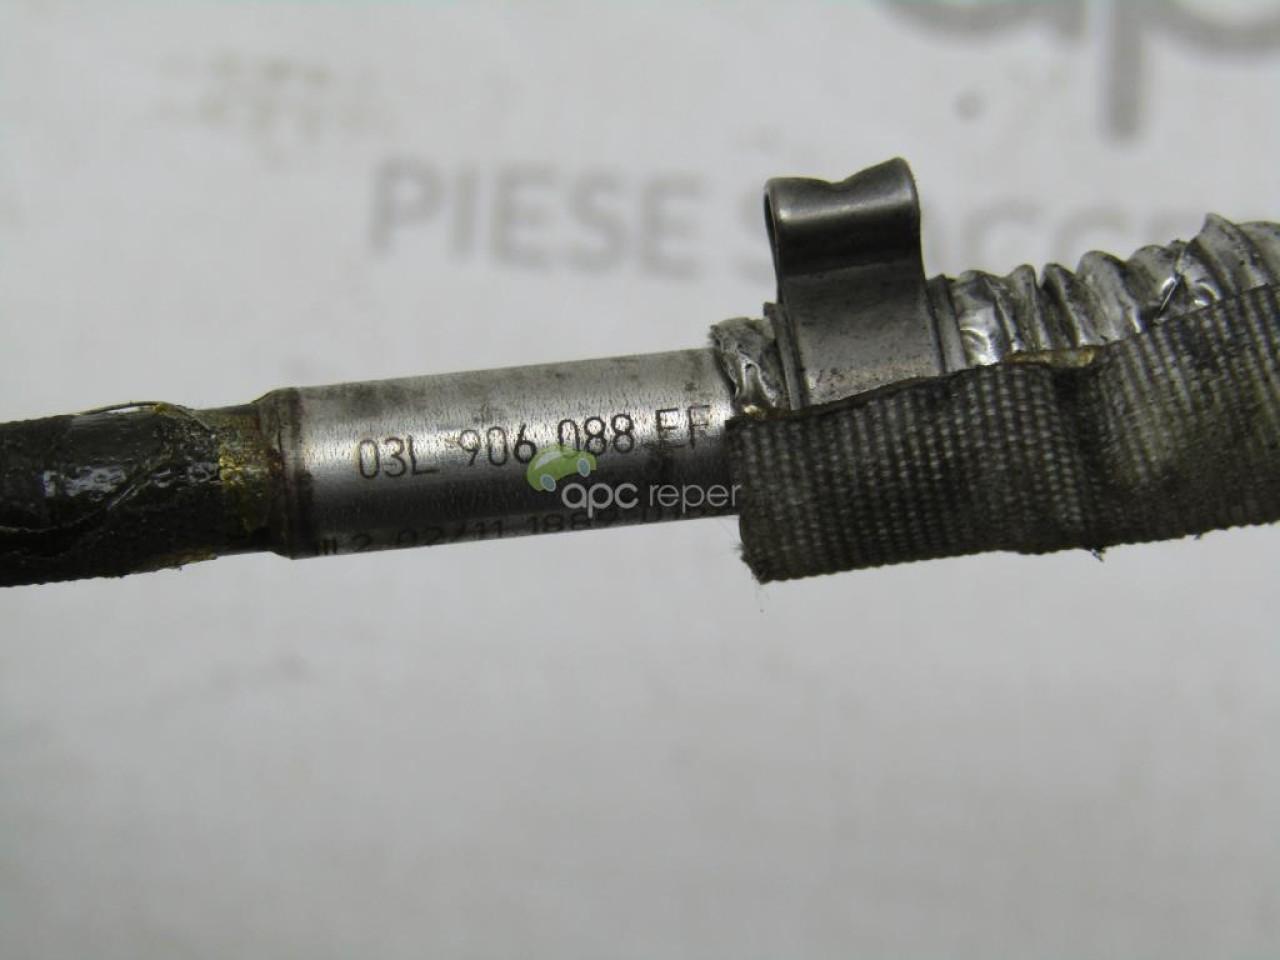 Sonda temperatura Audi A6 4G / A7 3,0Tdi Cod OEM 03L906088EF